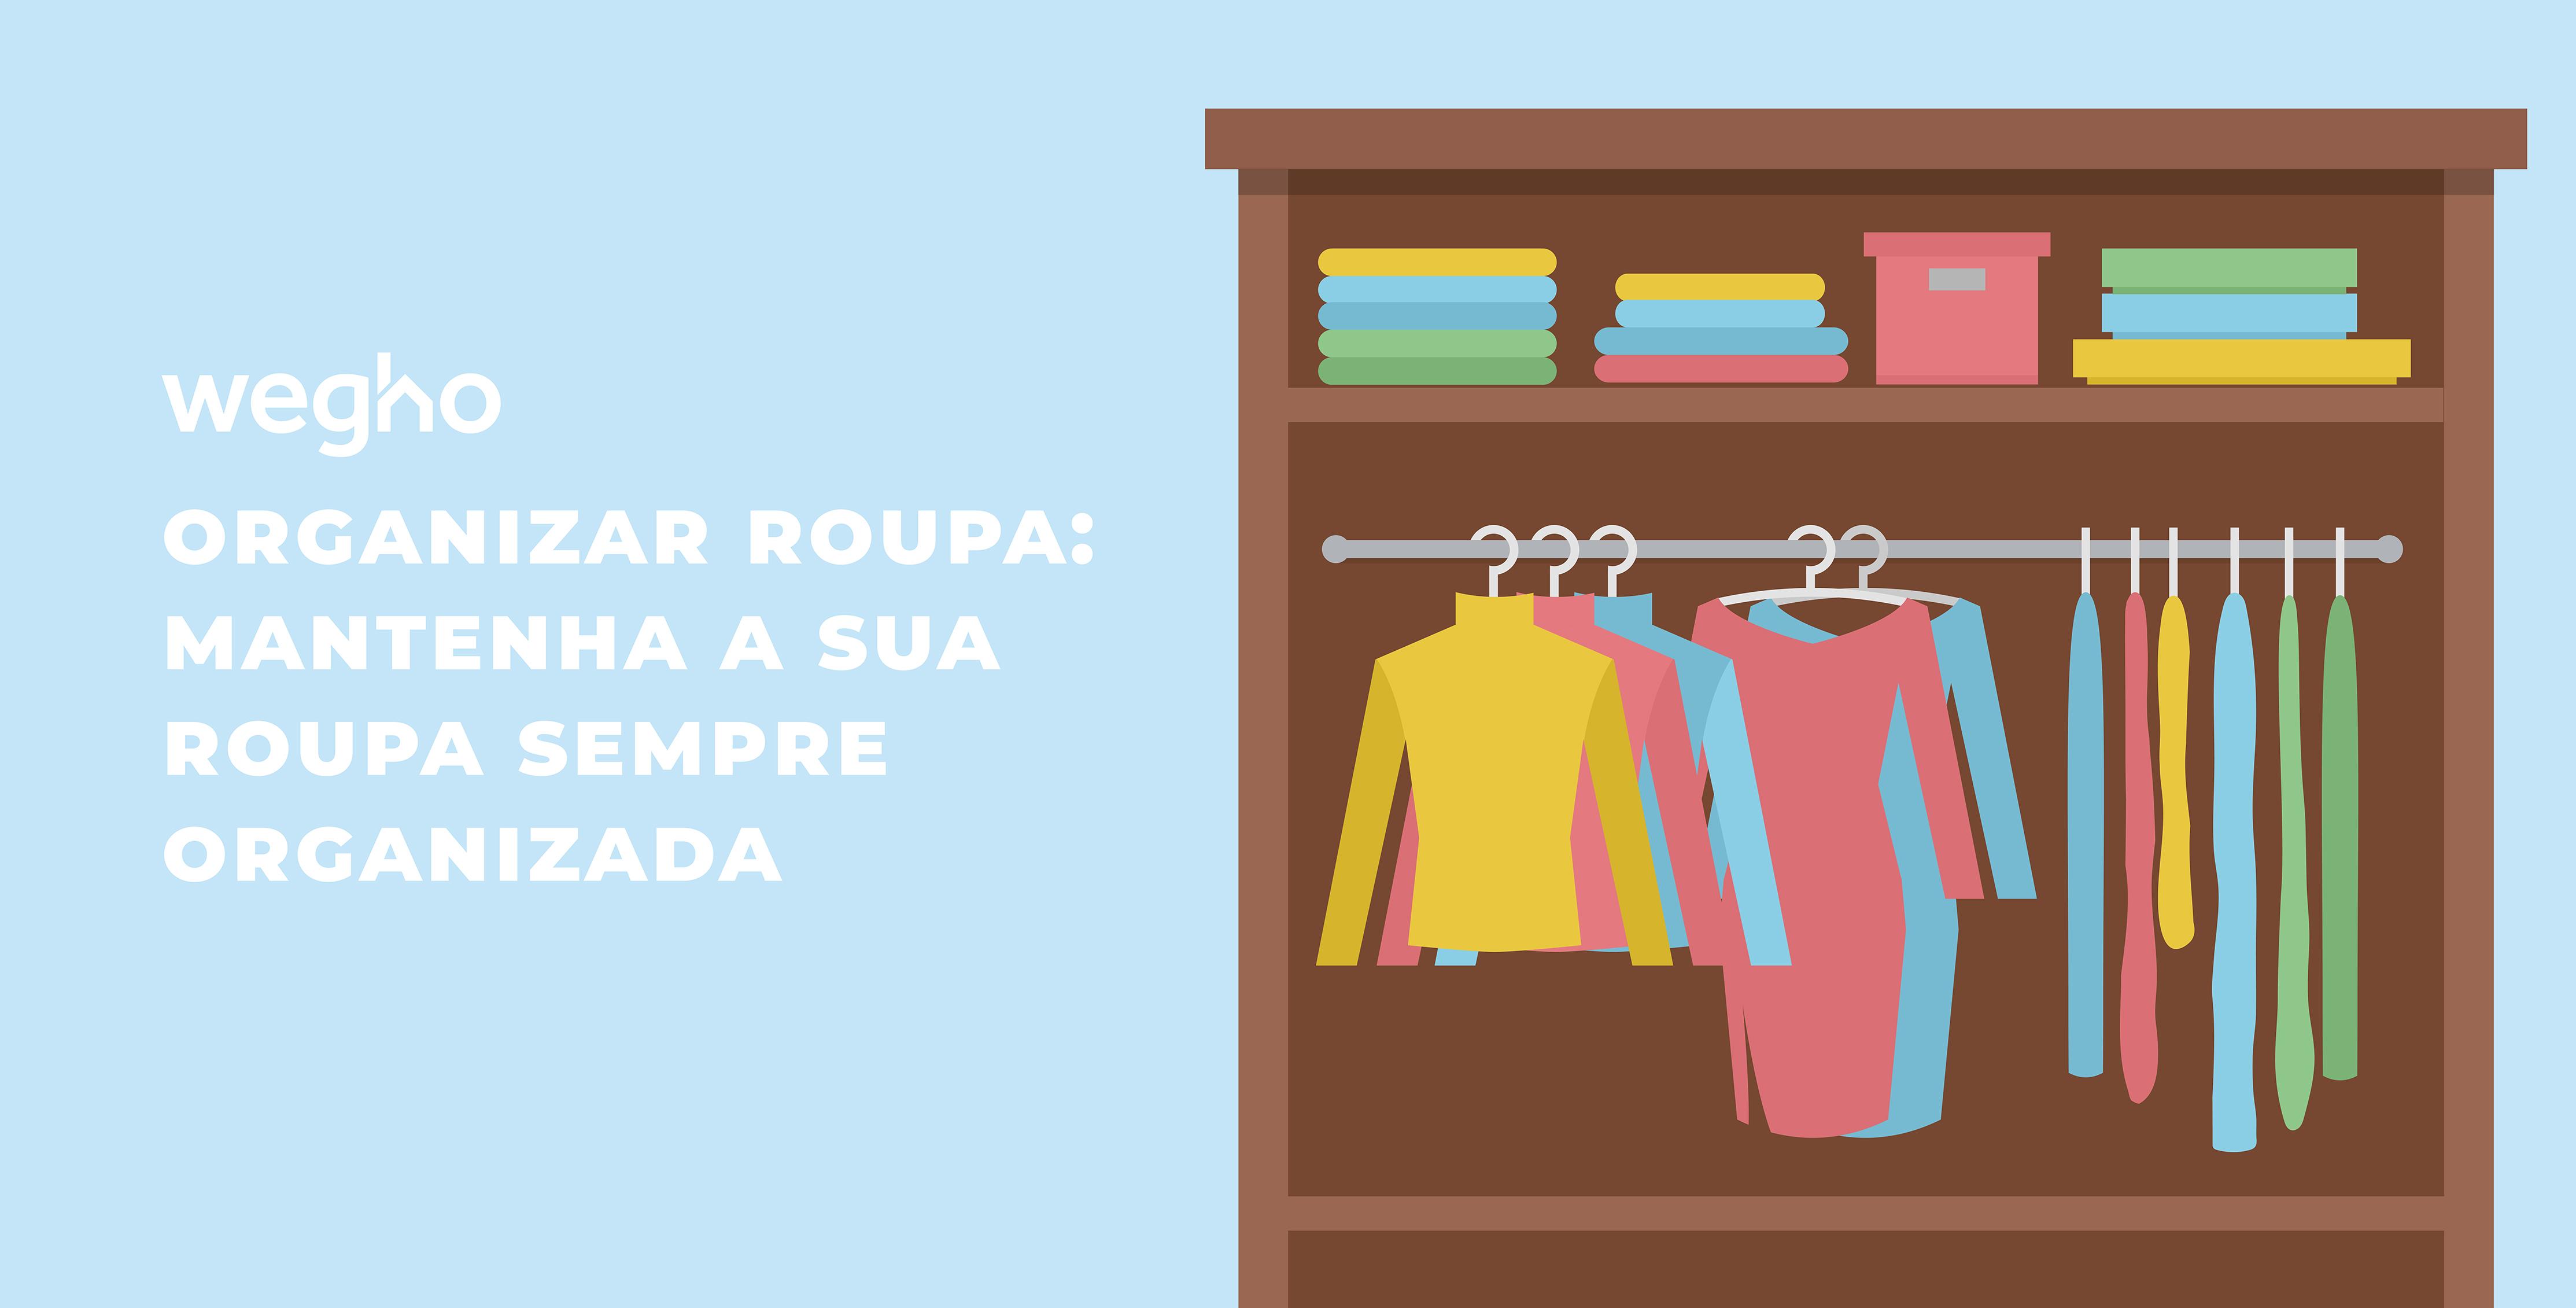 Organizar roupa - mantenha a sua roupa sempre organizada - como organizar roupa - gestão e organização - organização - Wegho